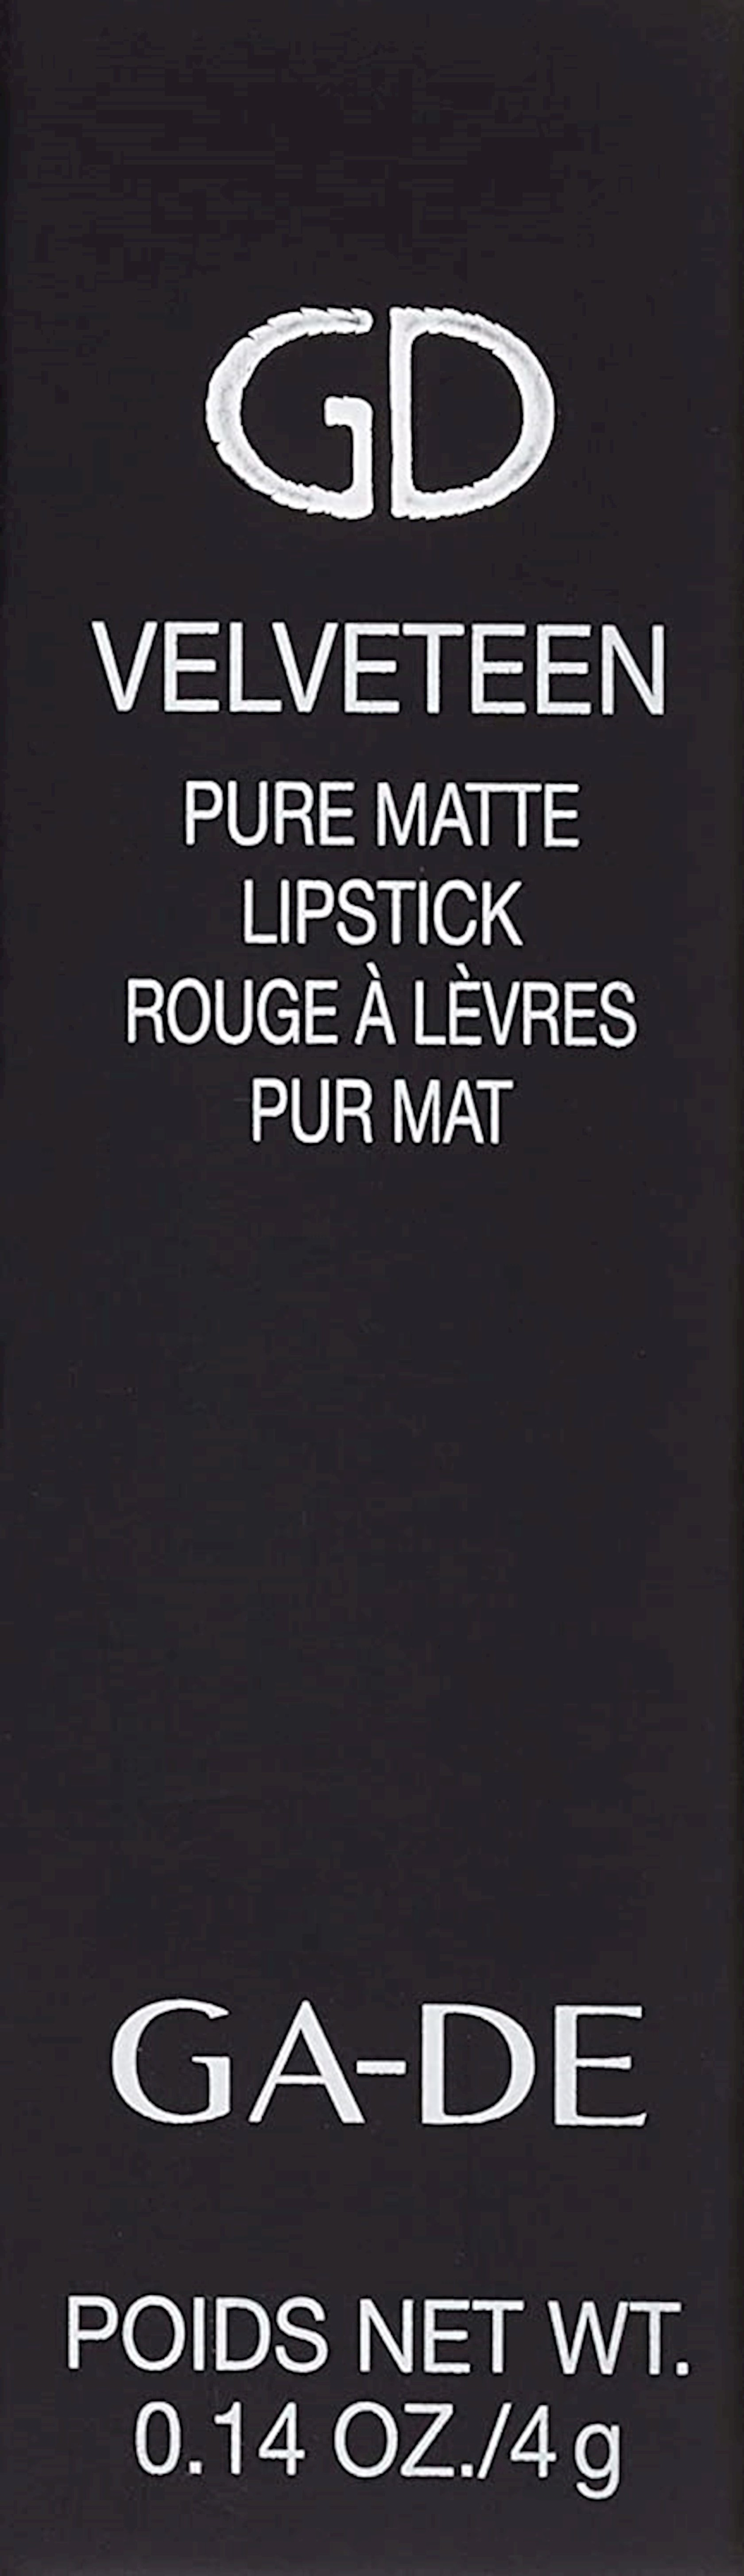 Dodaq üçün mat pomada Ga-De Velveteen Pure Matte Lipstick 762 Mauve Matte